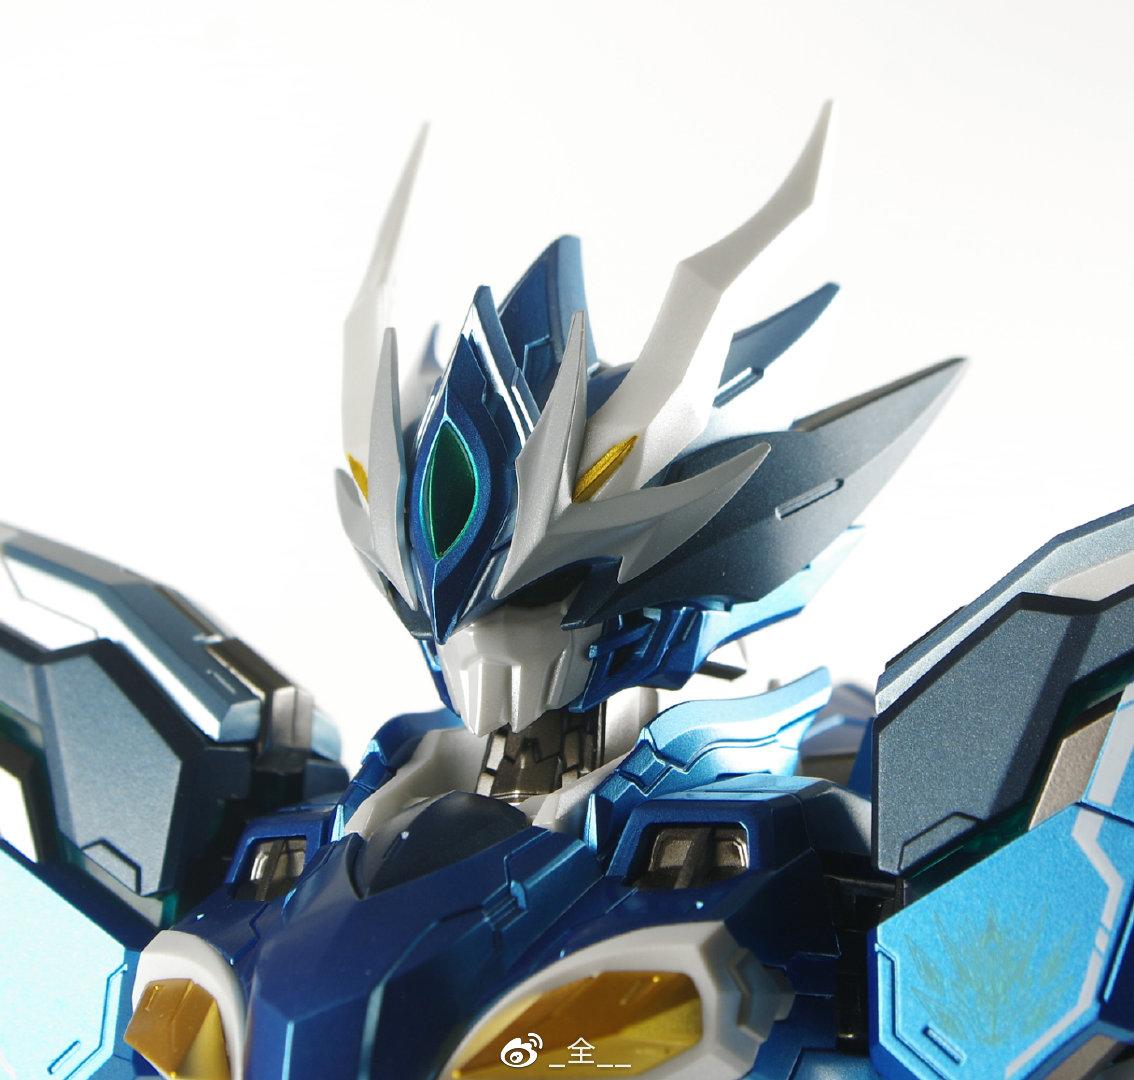 S470_MOTOR_NUCLEAR_MN_Q03_blue_gragon_ao_bing_di_hui_xing_han_long_zi_025.jpg